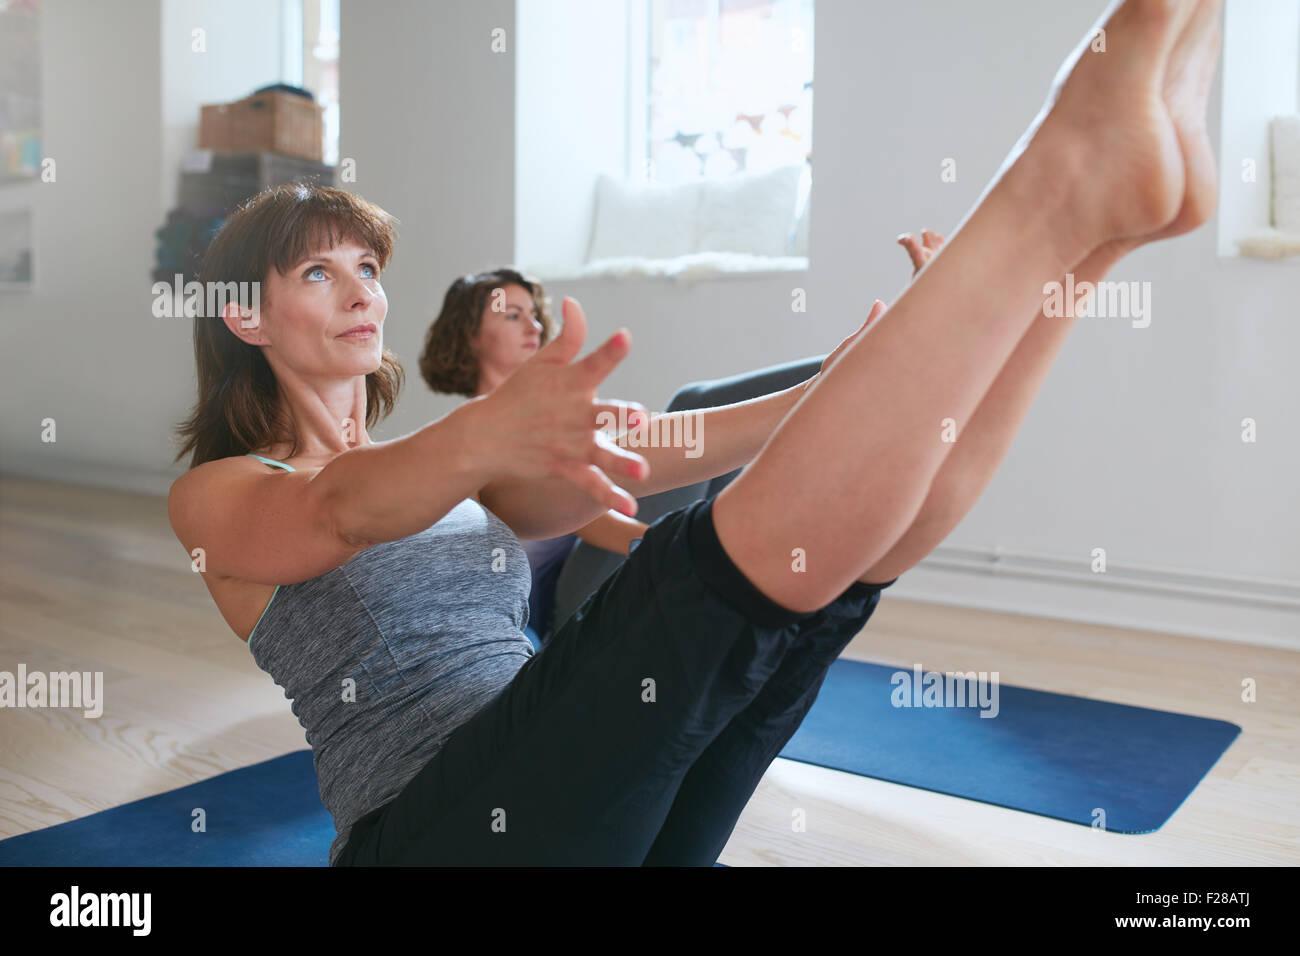 Les femmes pratiquant le yoga et stretching exercice d'entraînement ensemble dans un club de fitness training Photo Stock